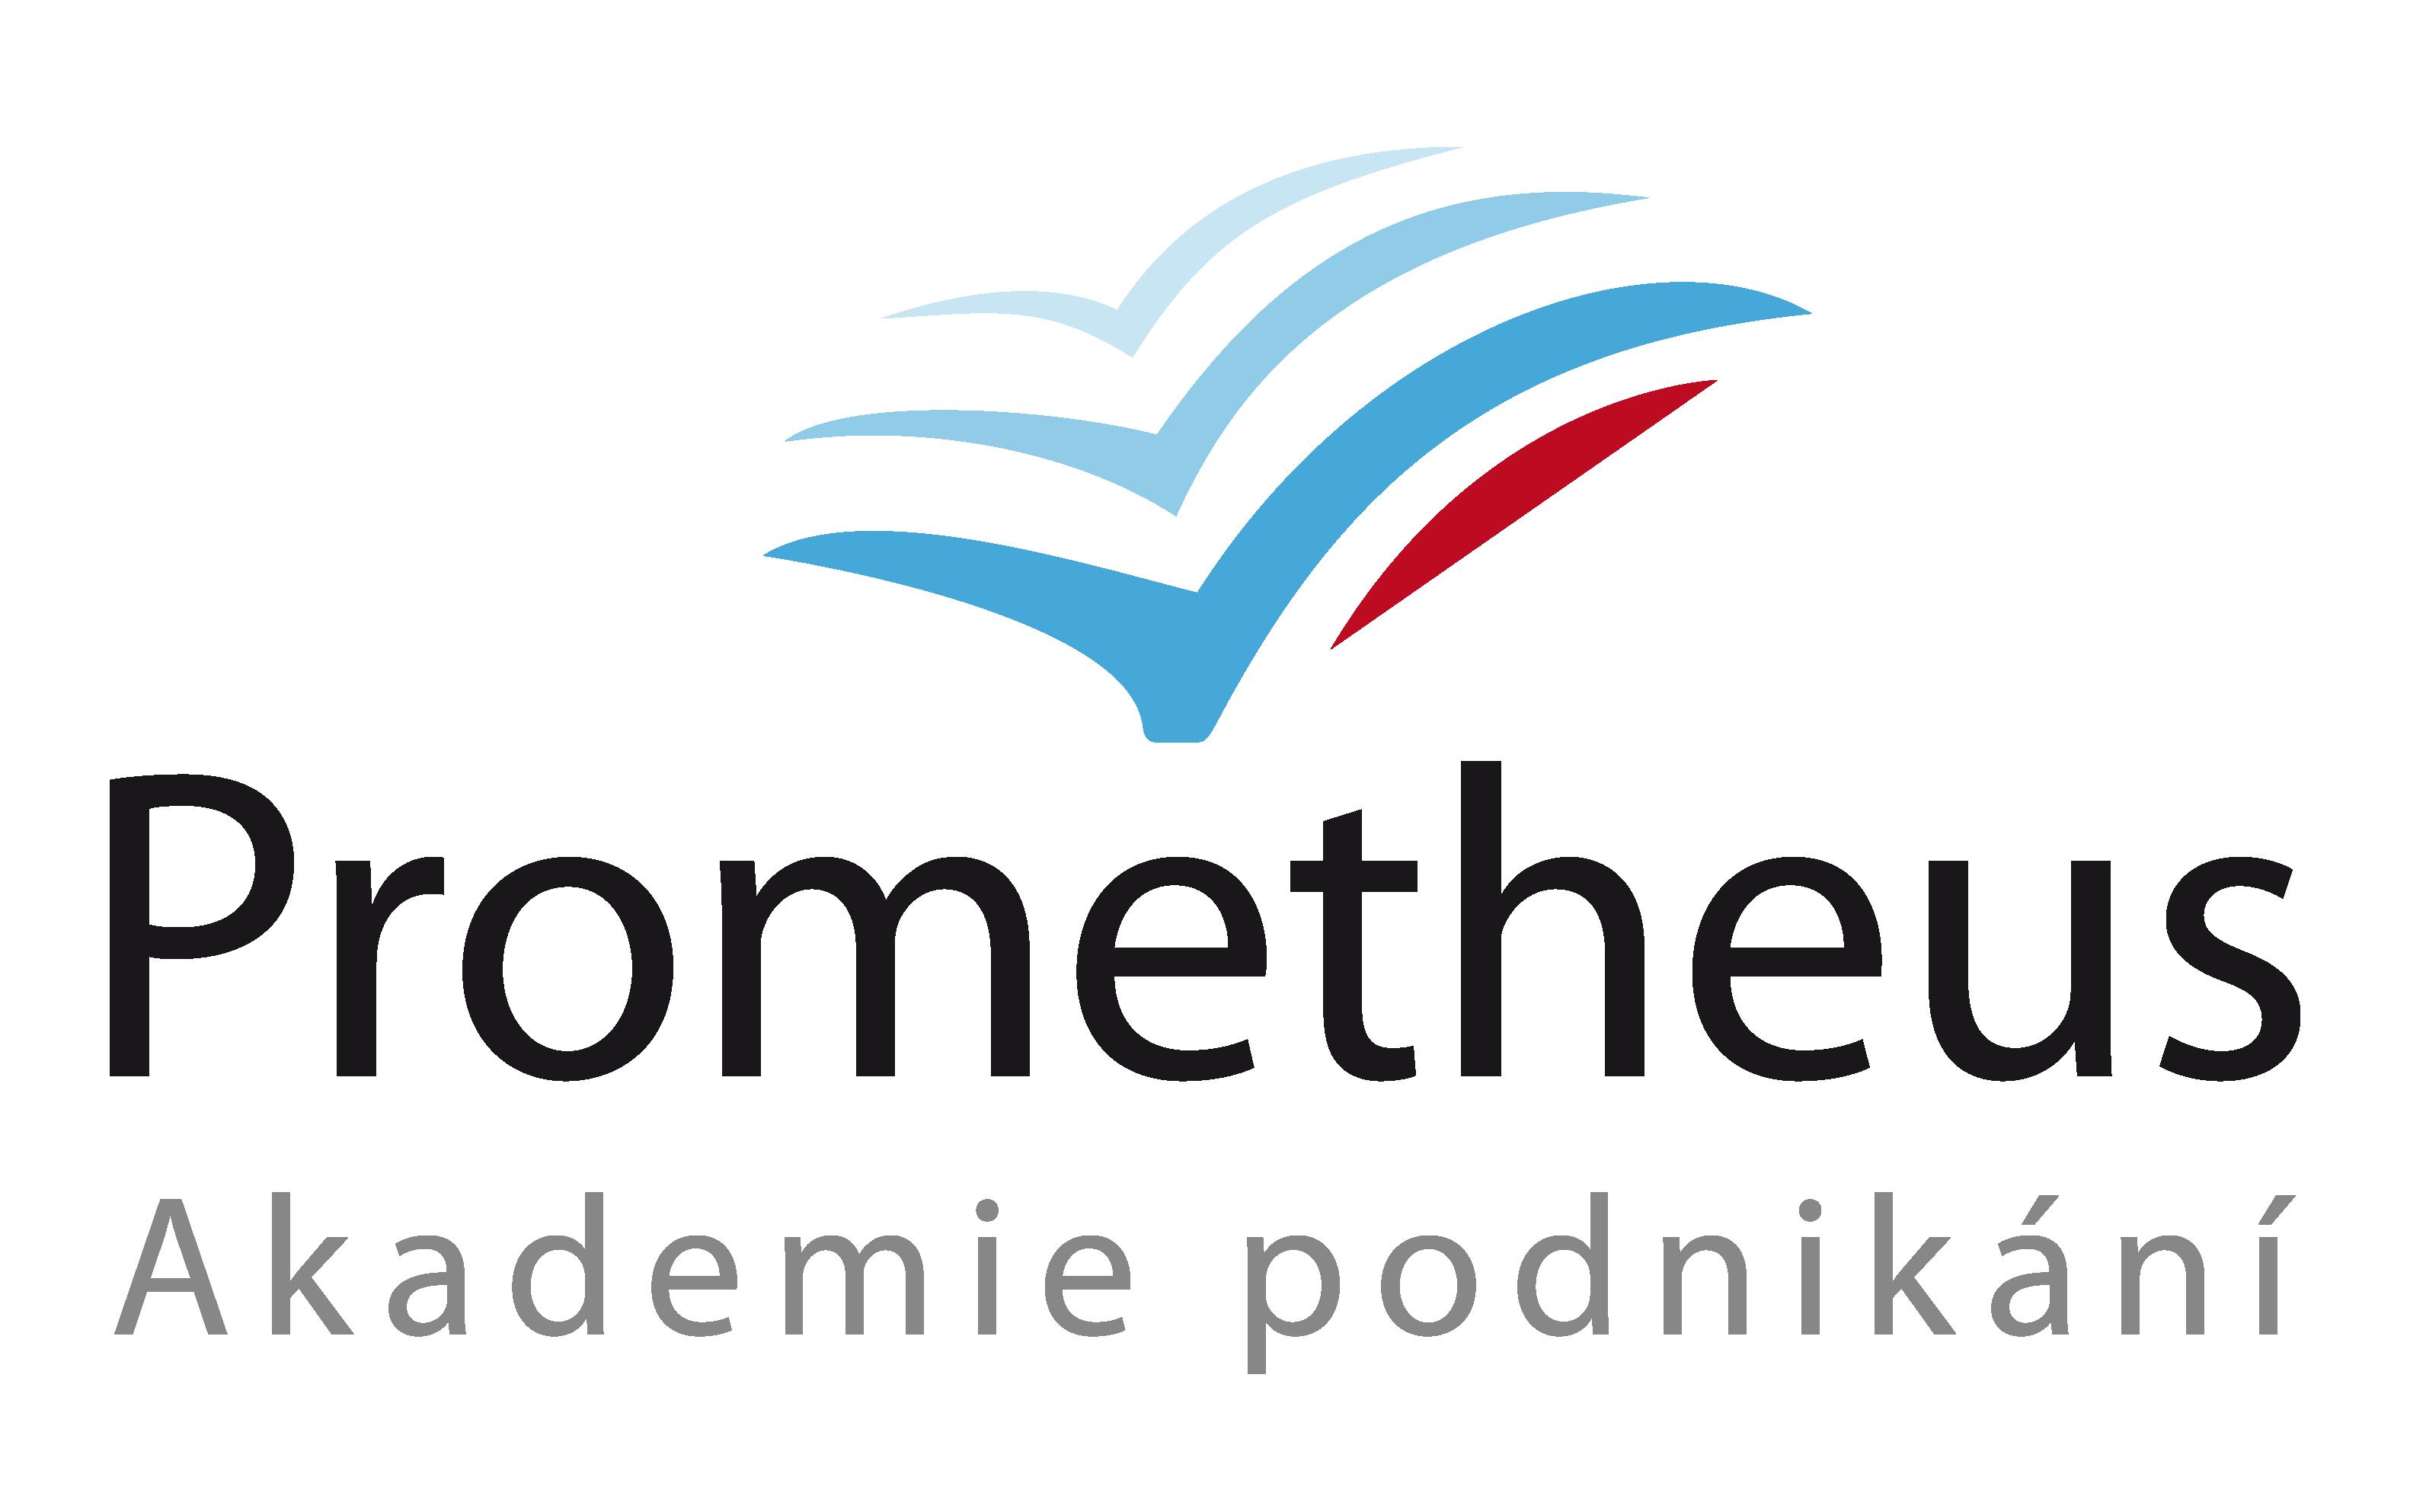 Akademie podnikání Prometheus